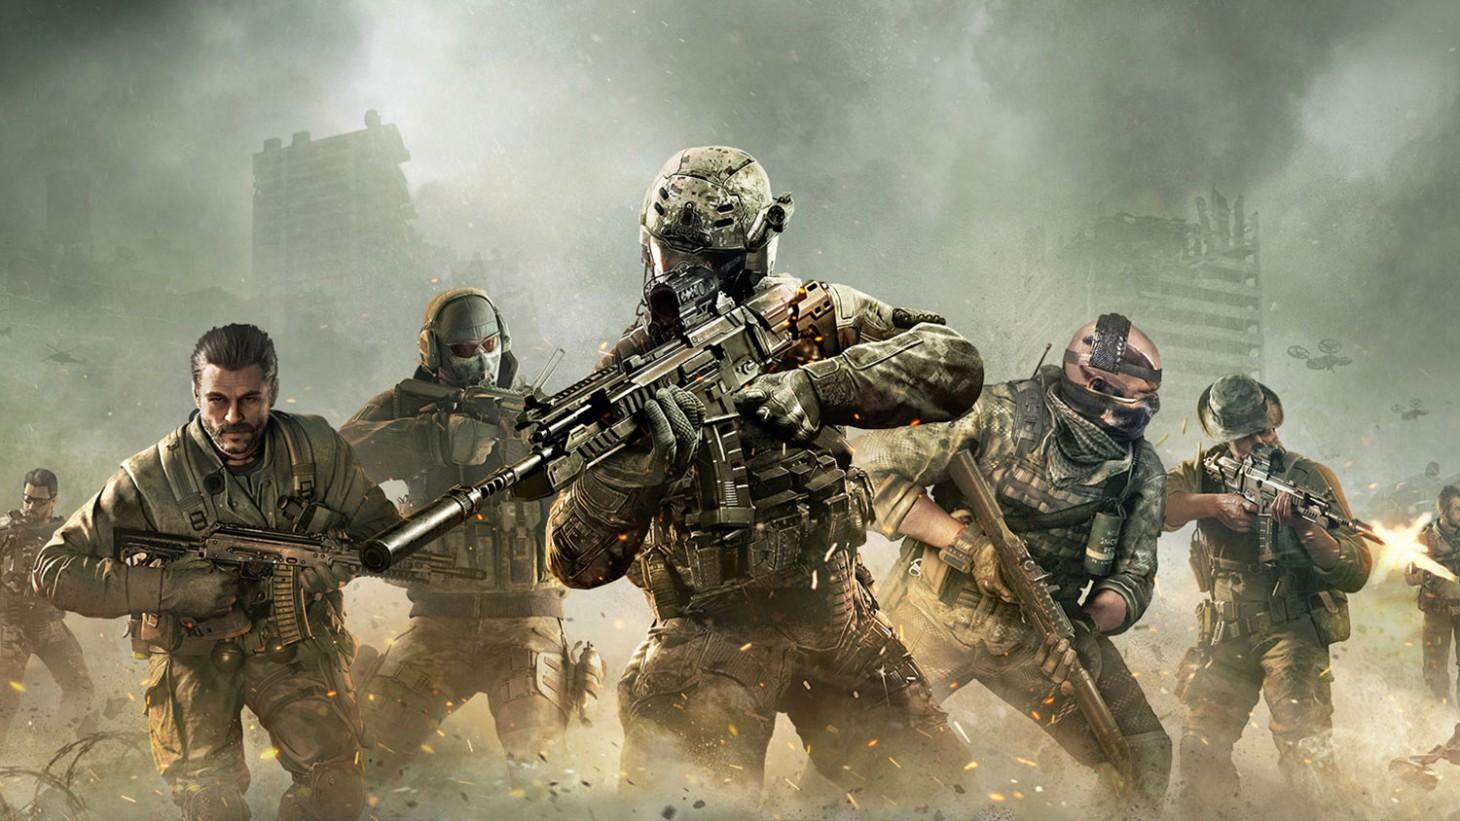 Кросс-игра Call of Duty: Warzone - как настроить и играть с друзьями